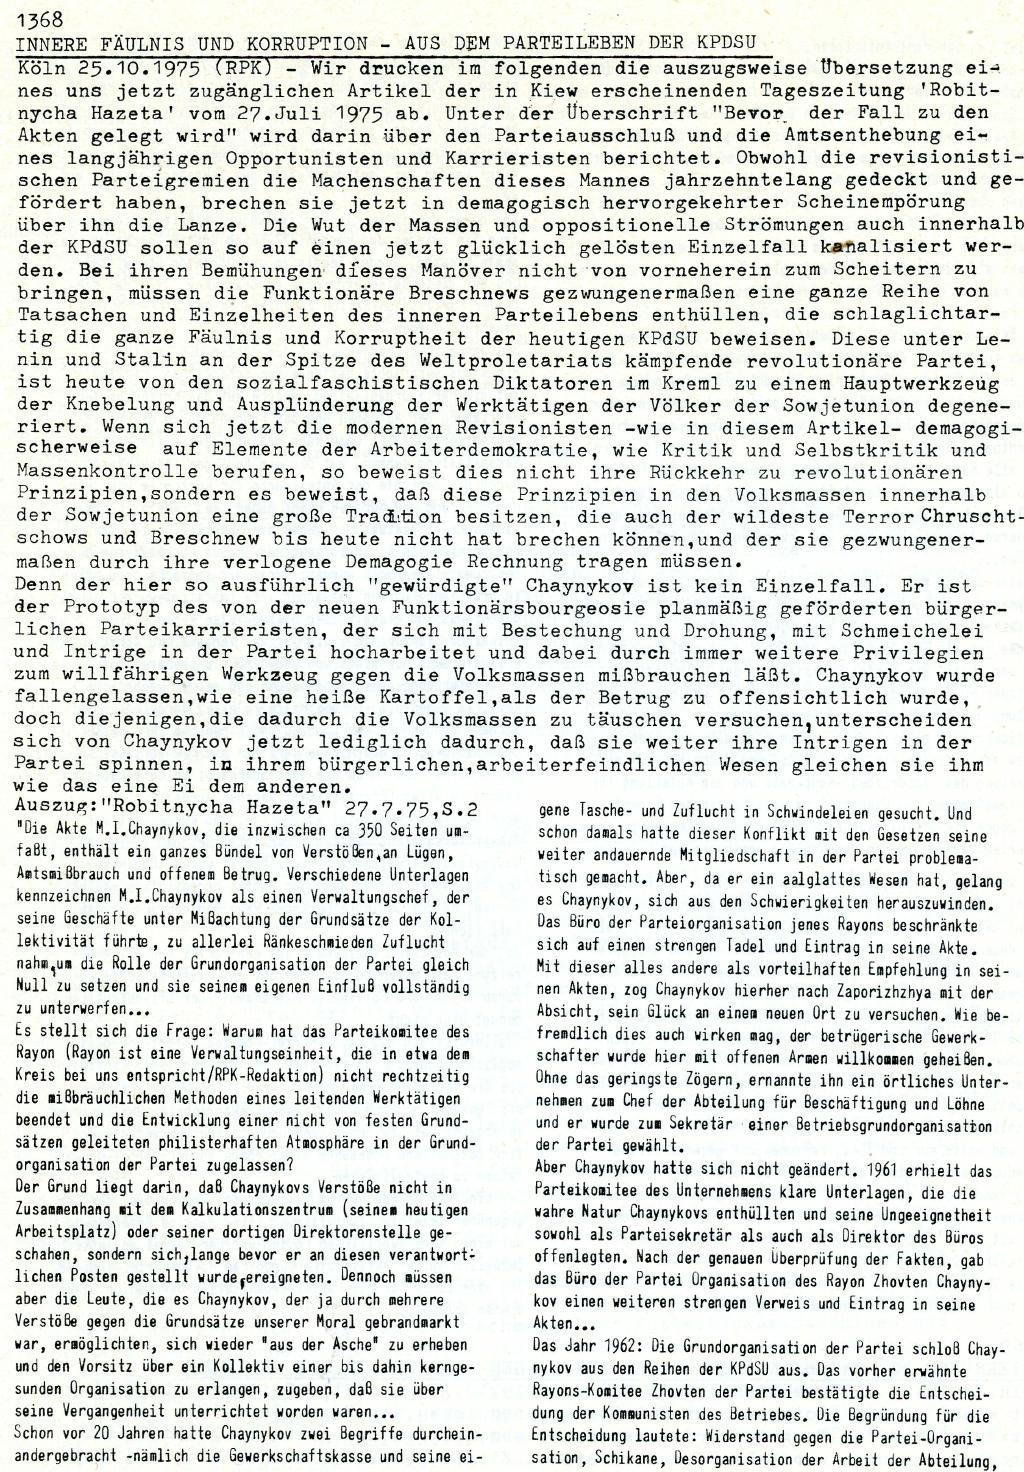 RPK_Pressedienst_1975_49_13